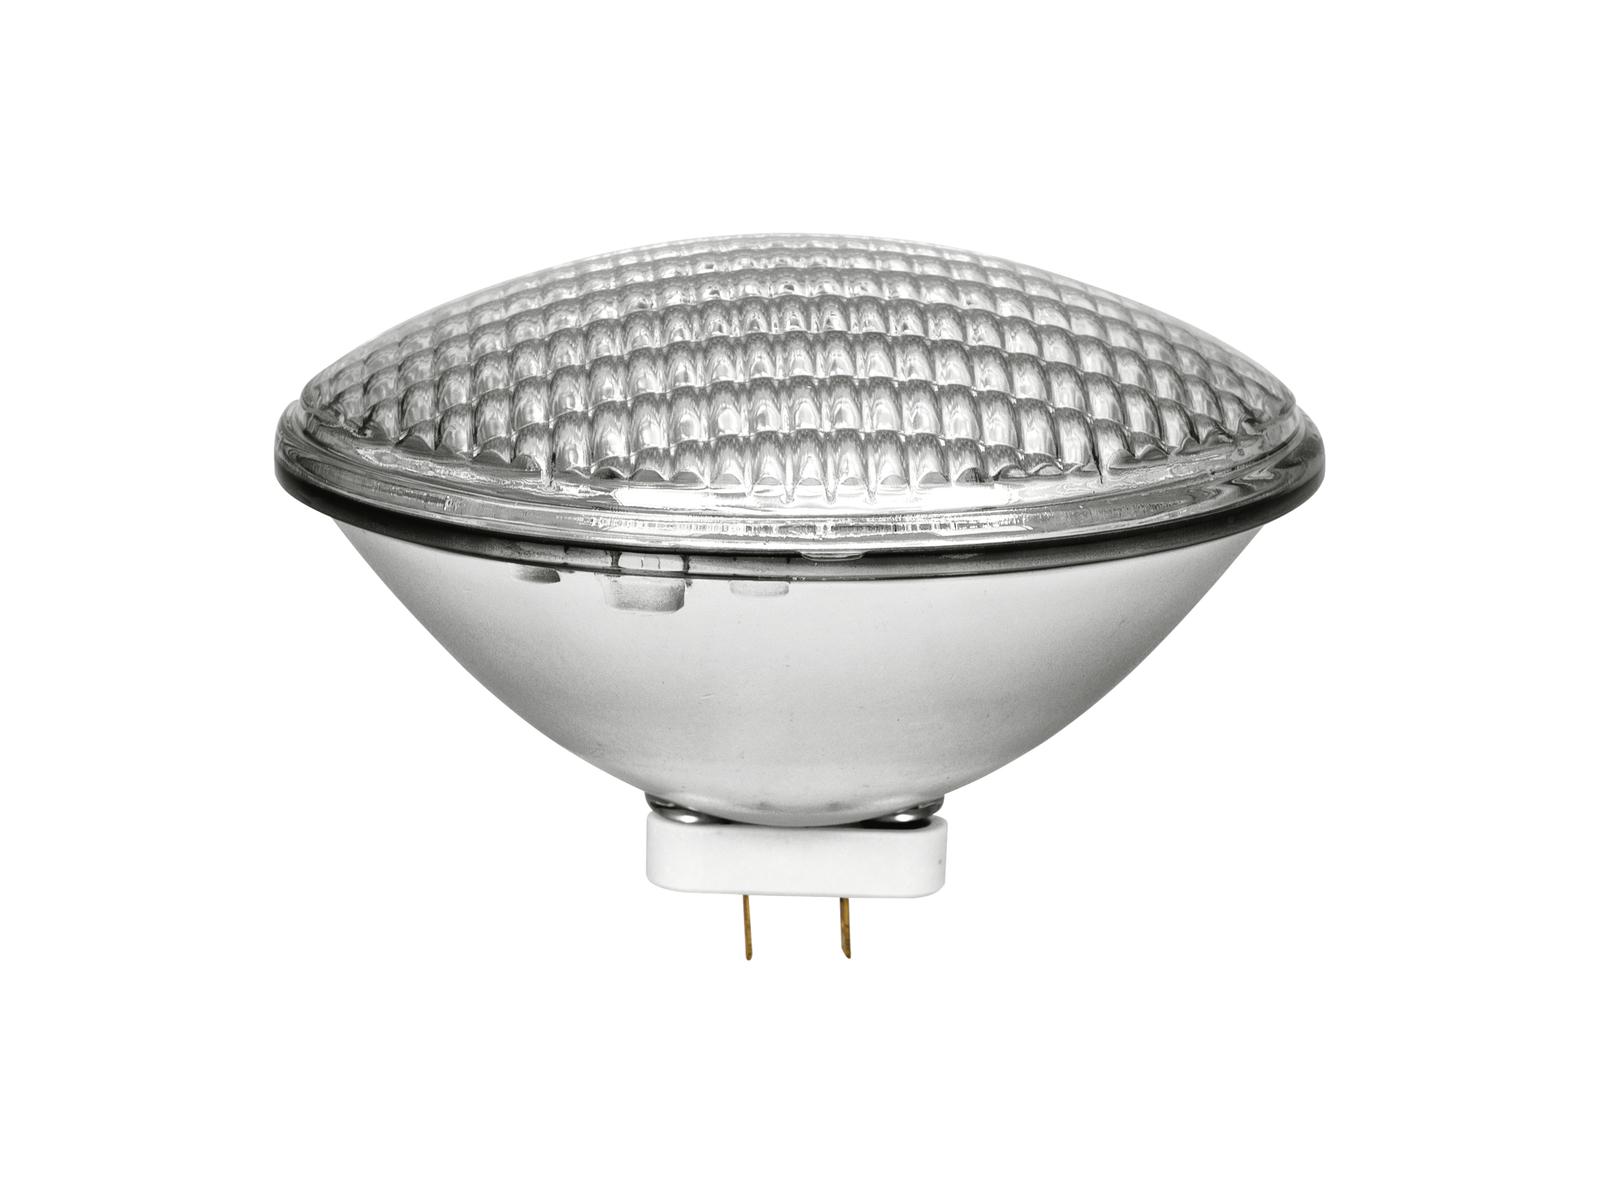 Lampada Faro per PAR-56 OMNILUX PAR-56 230V/500W WFL 2000h H 2900 K